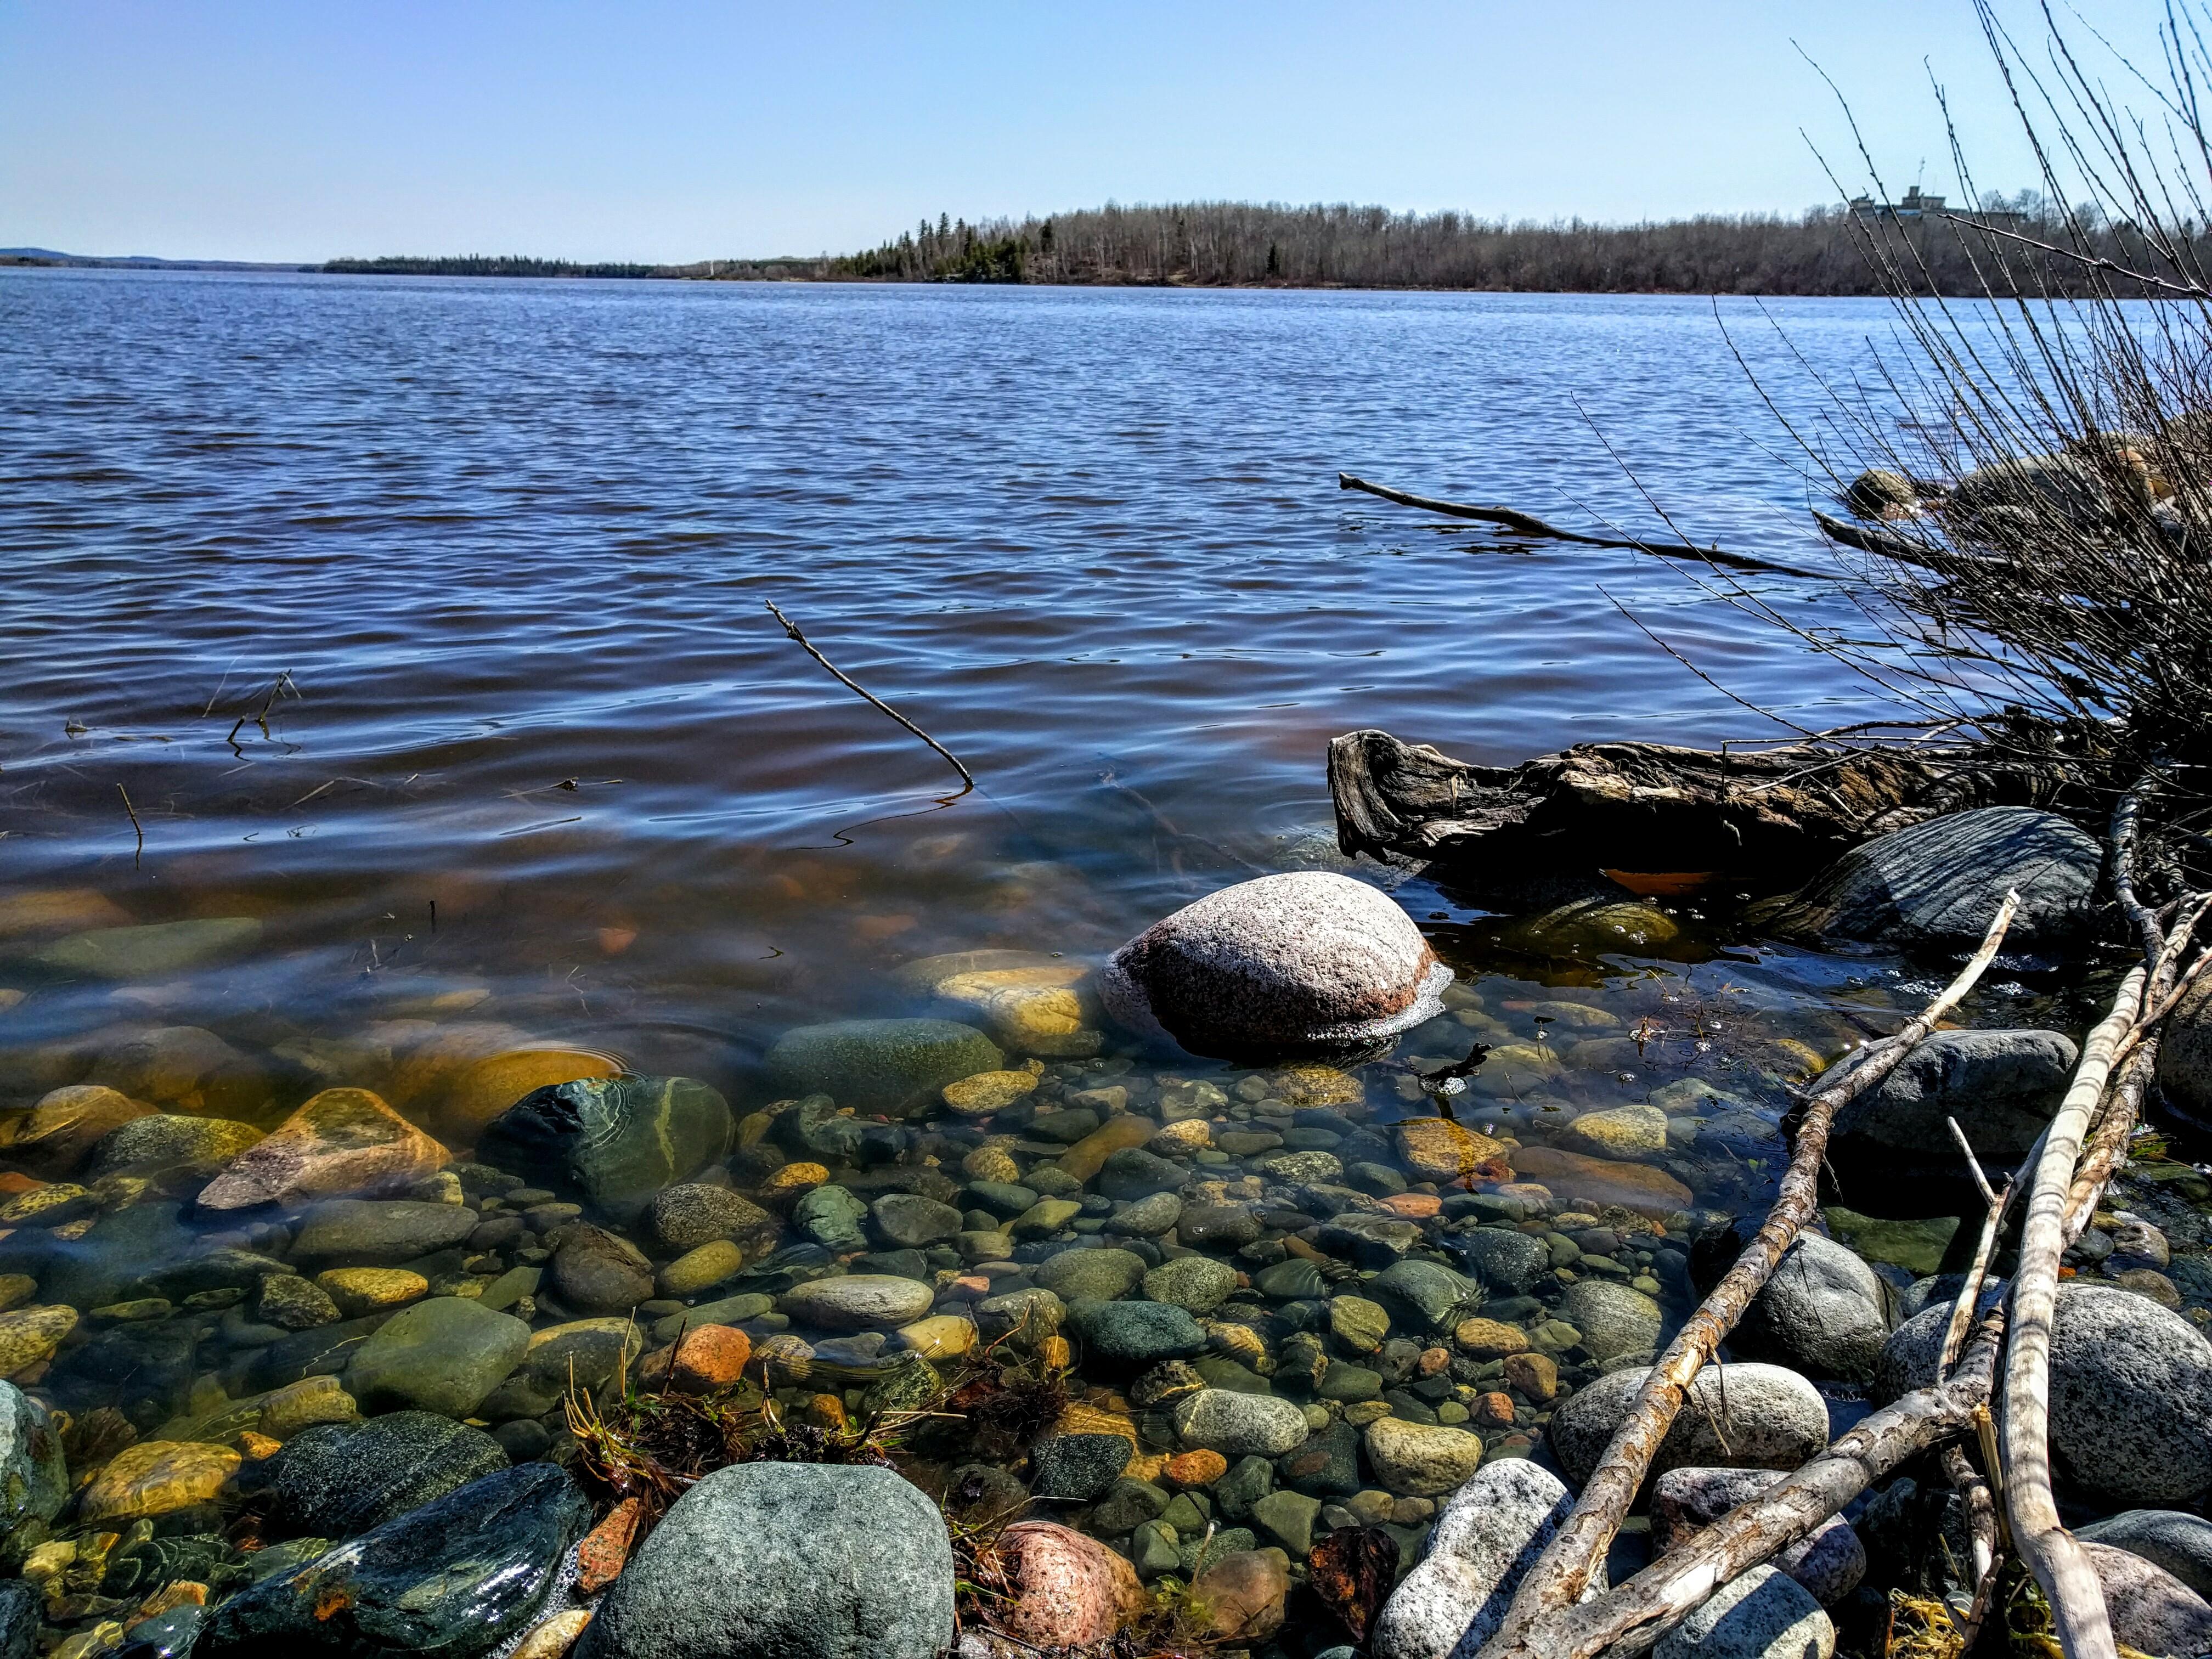 Un investissement de 150 000 $ pour faciliter l'accès au fleuve Saint-Laurent et aux plans d'eau